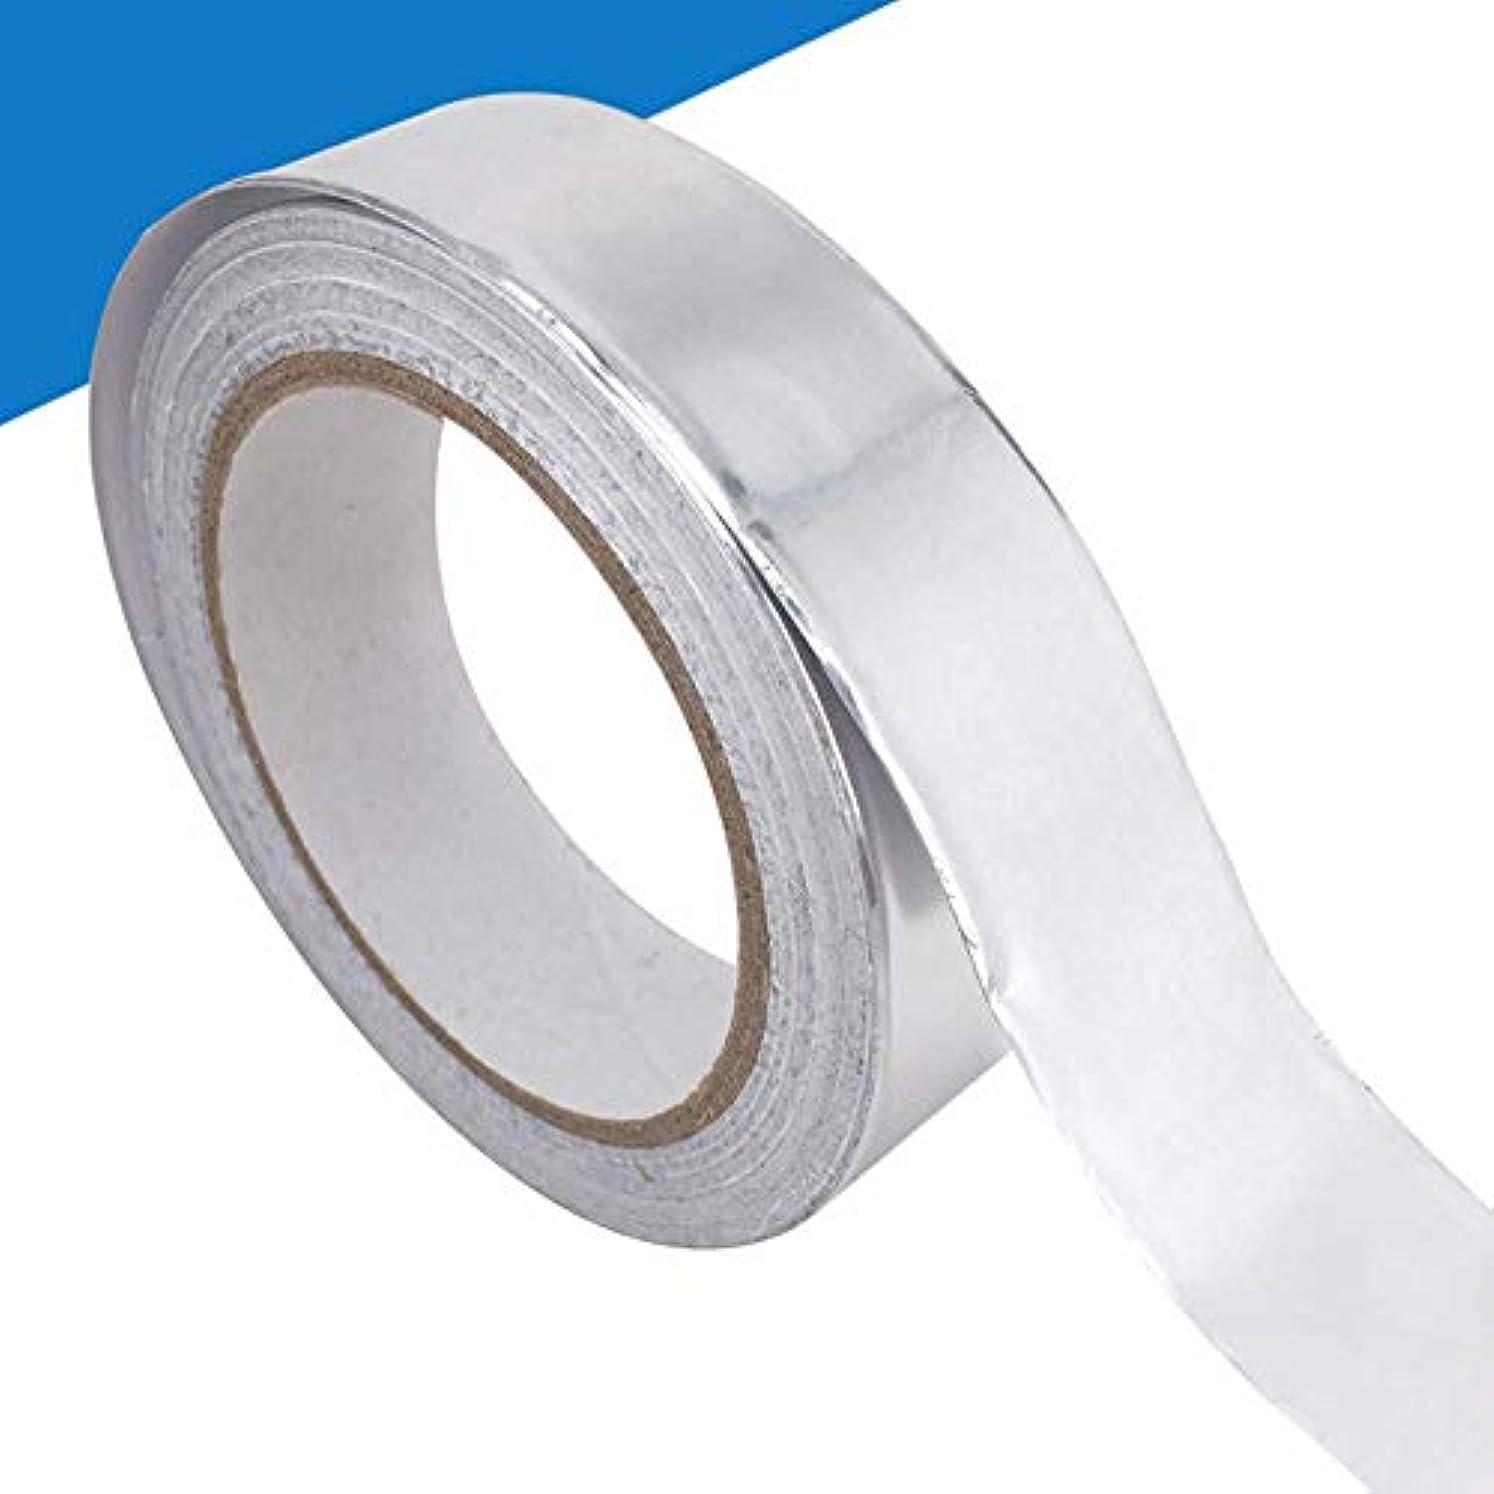 機知に富んだミリメーター贅沢Simg 導電性アルミテープ アルミ箔テープ 放射線防護 耐熱性 防水 多機能 25mm幅x20m